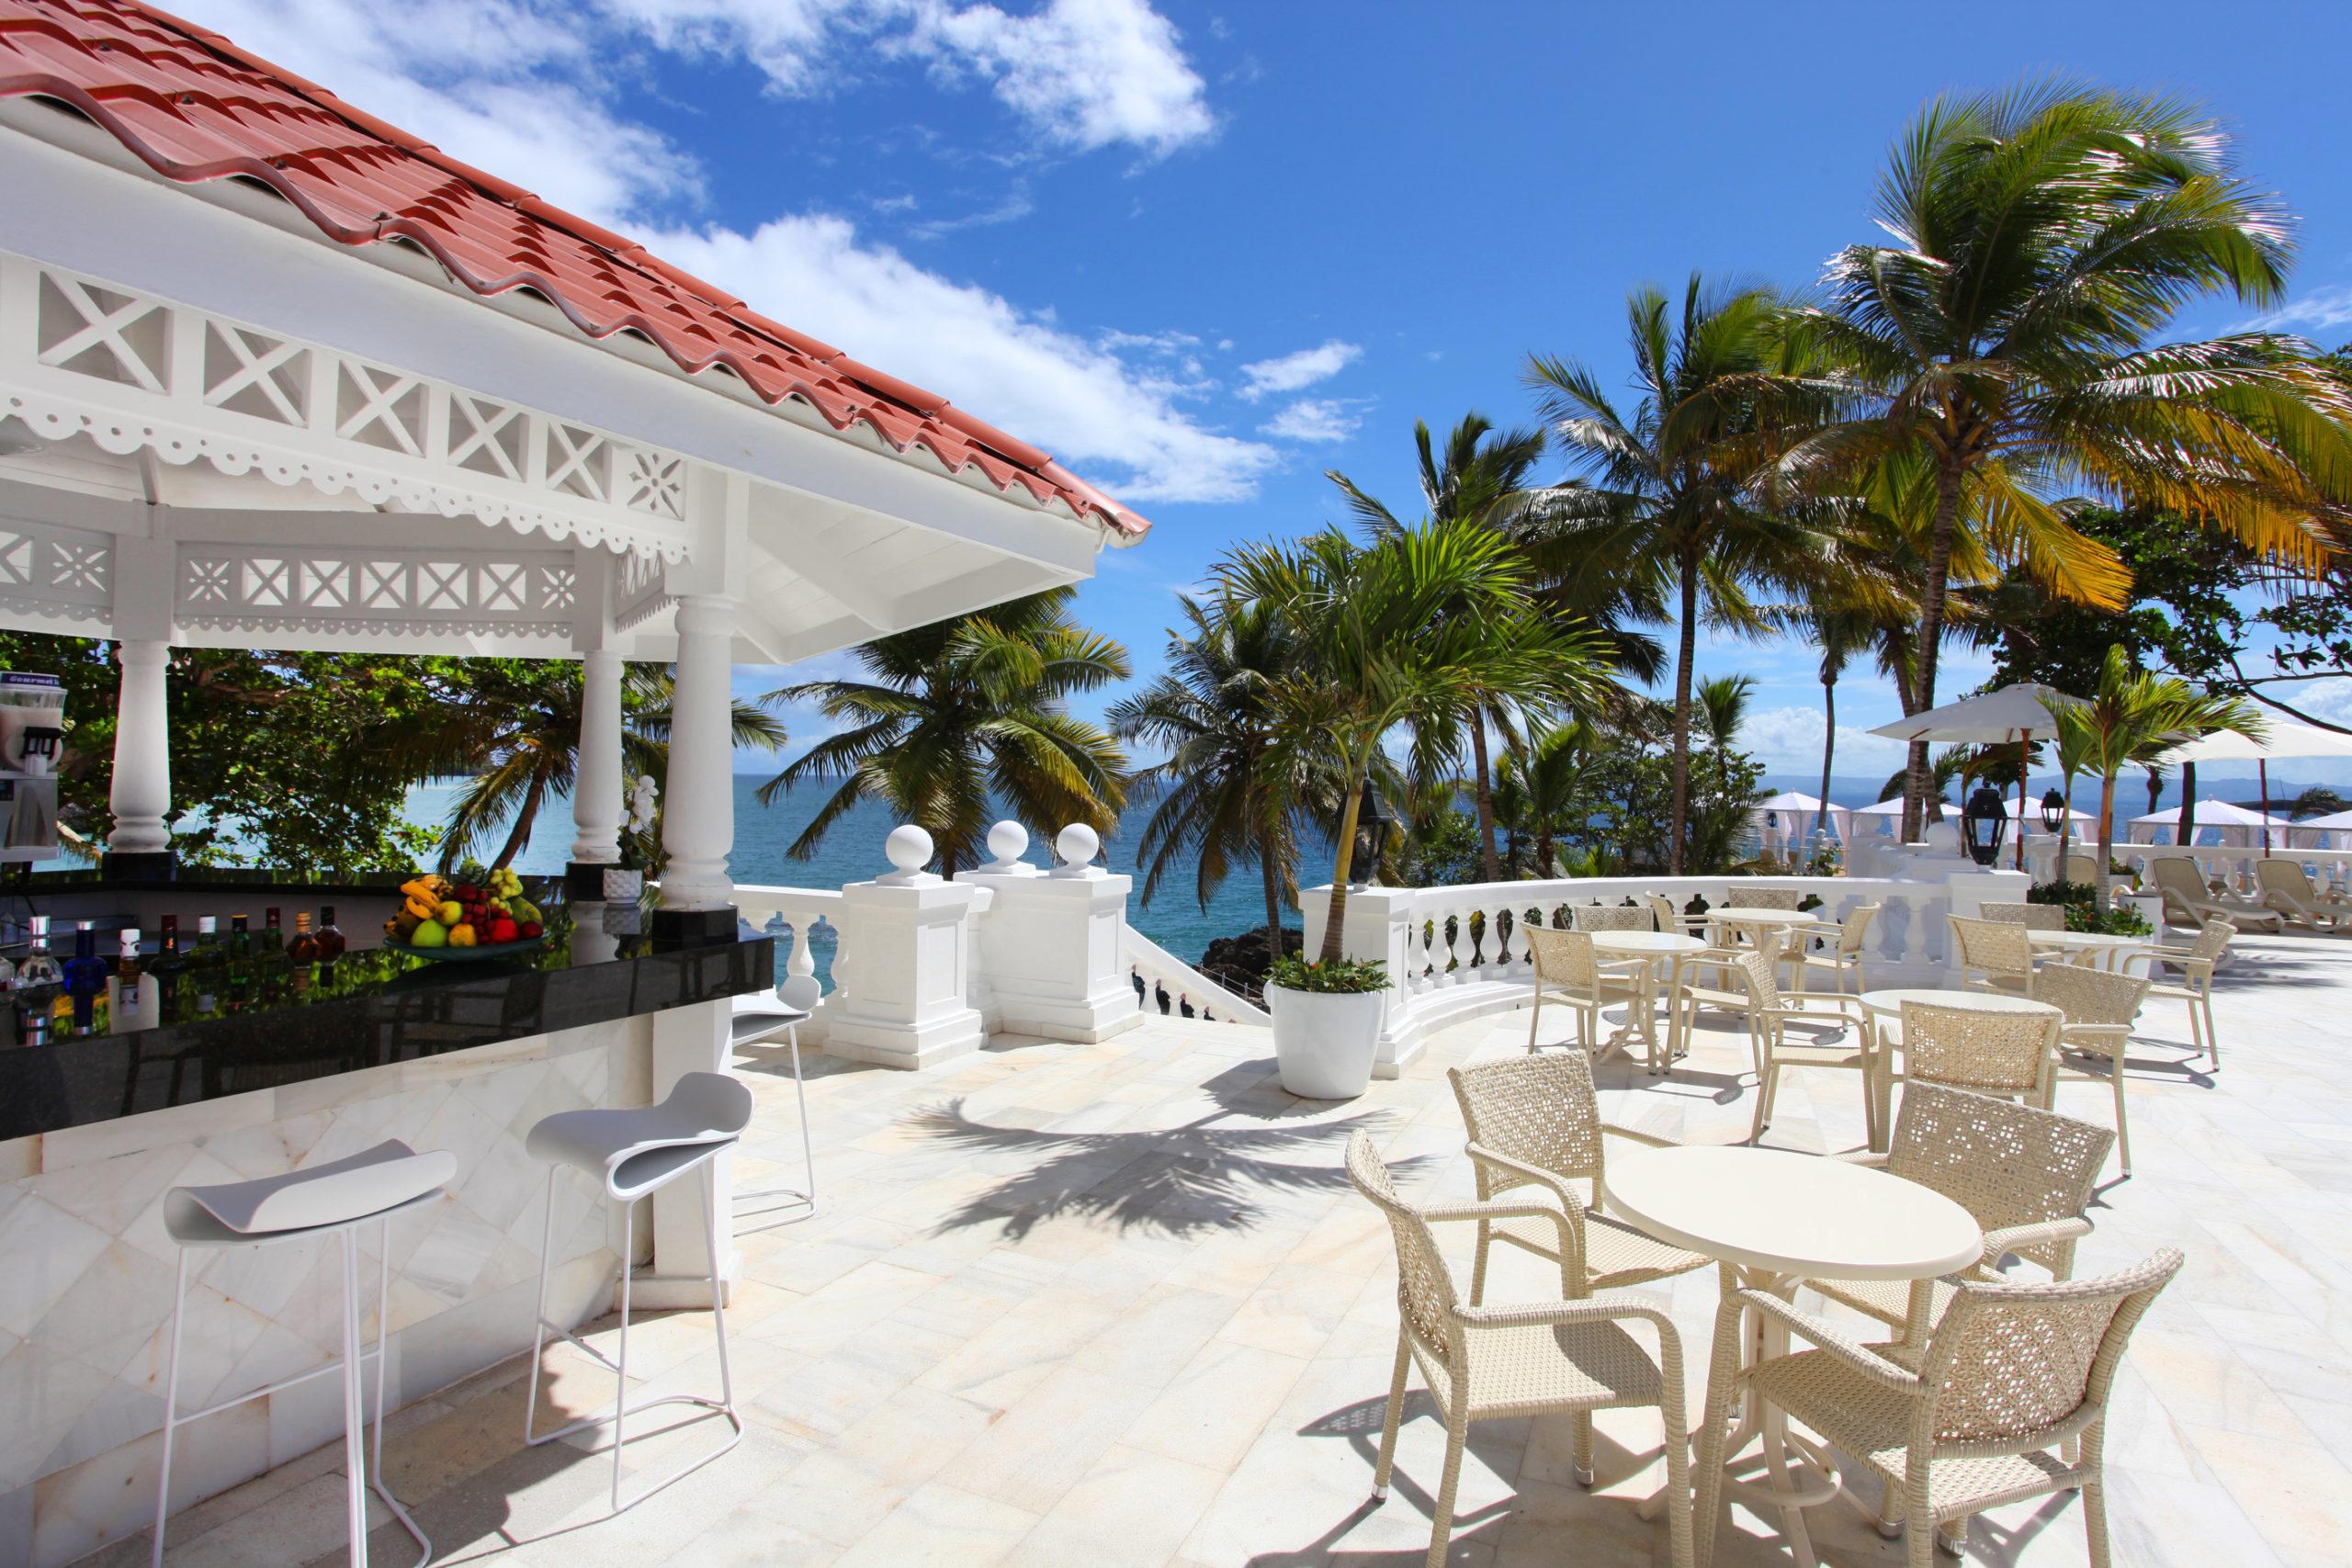 Солнечный отель Bahia Principe